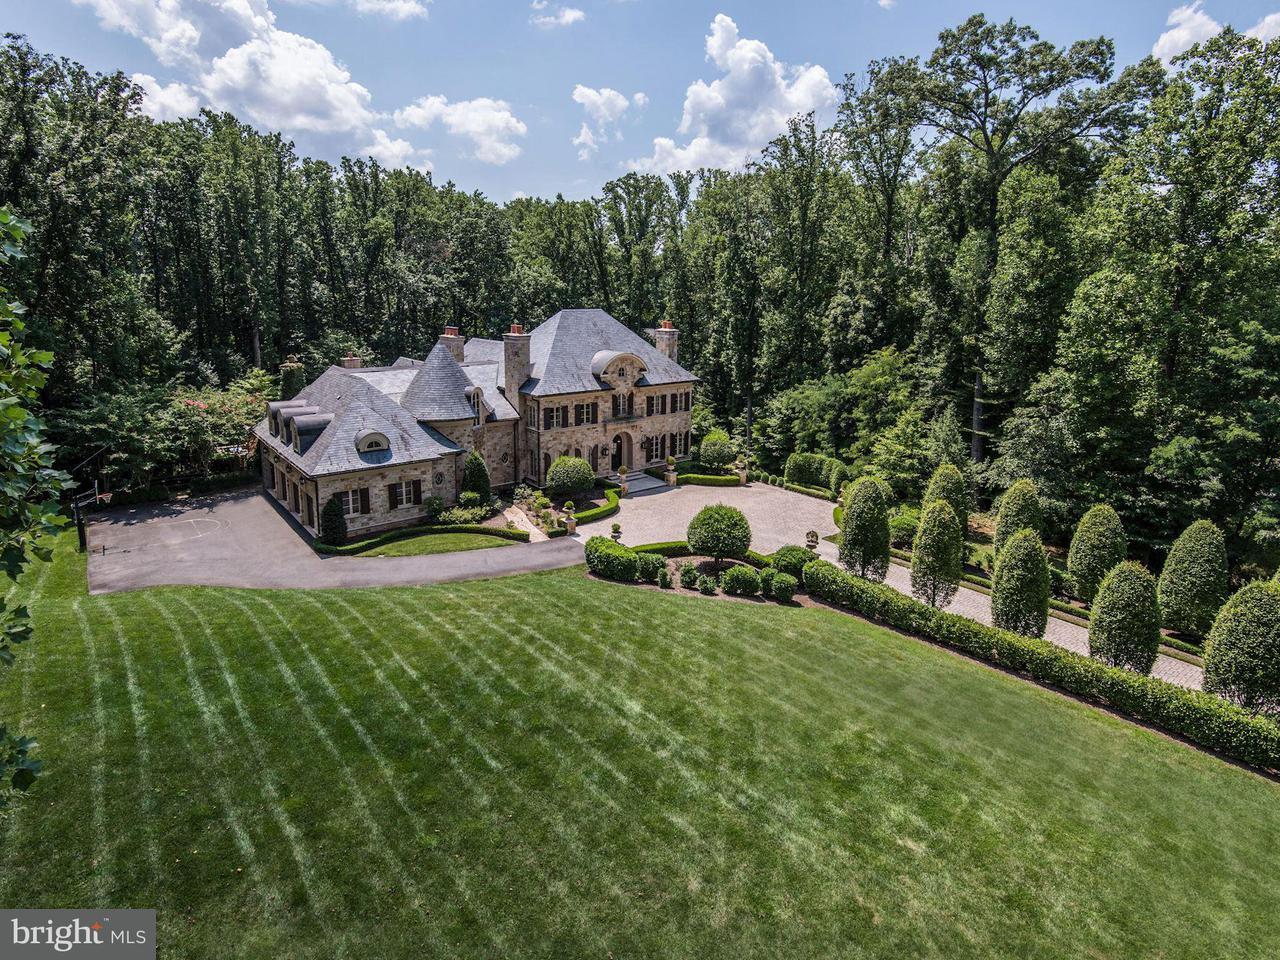 獨棟家庭住宅 為 出售 在 1004 FOUNDERS RIDGE Lane 1004 FOUNDERS RIDGE Lane McLean, 弗吉尼亞州 22102 美國